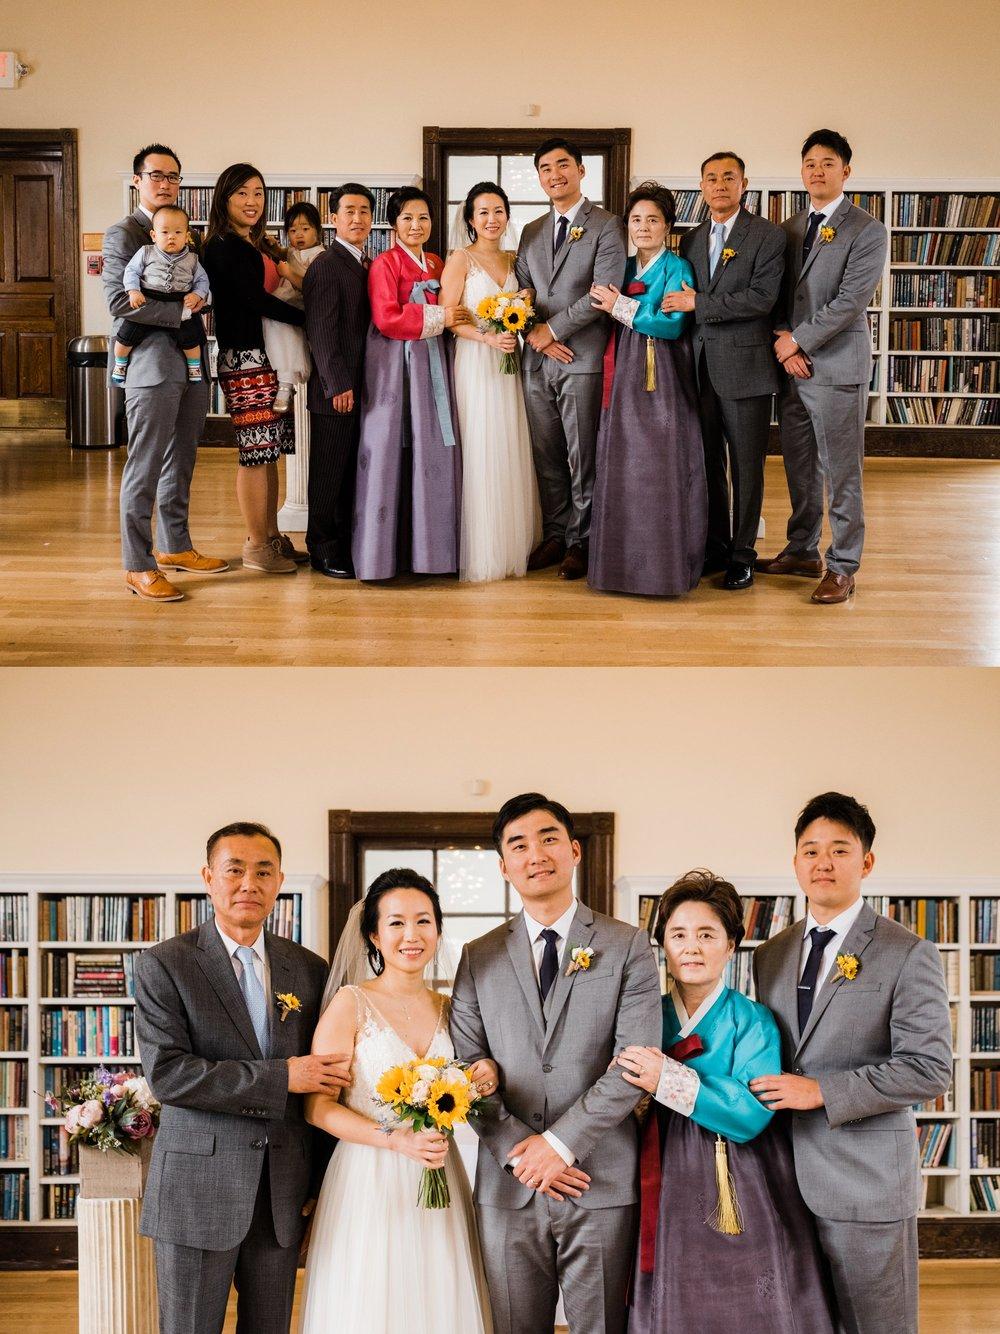 fairfax-dc-wedding-old-city-hall_0122.jpg